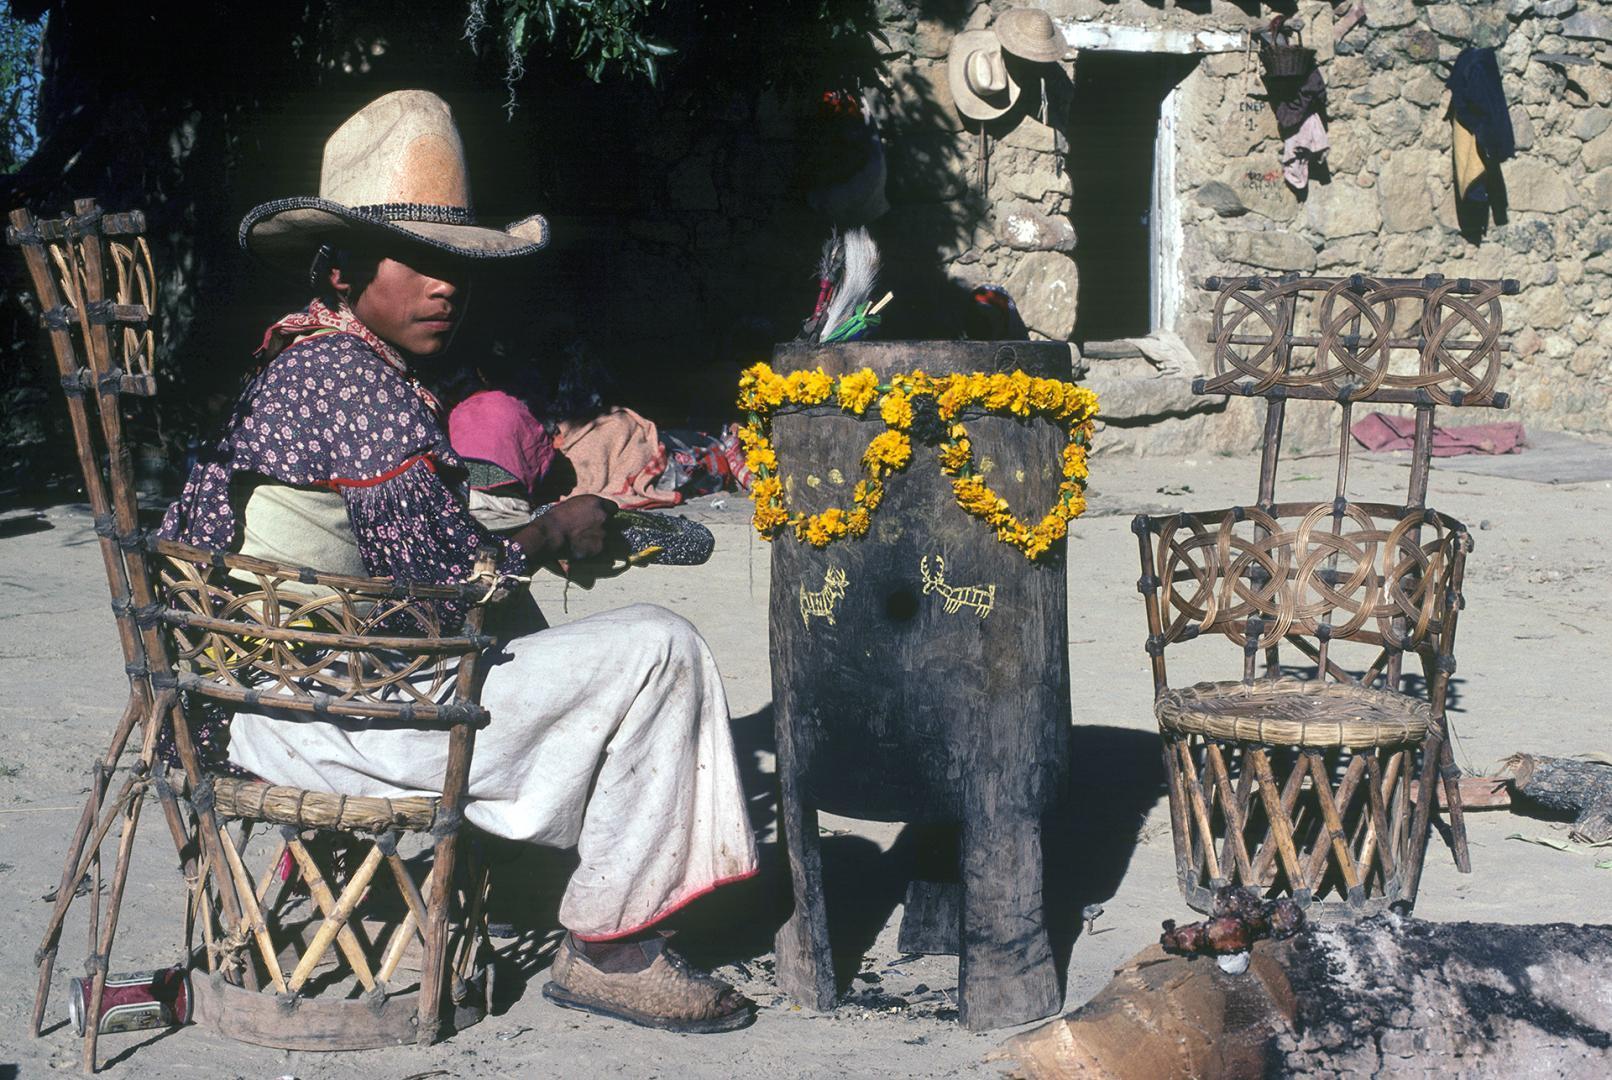 Ceremonia de Tatei Neixa - Fotográfia ©Juan Negrín 1981